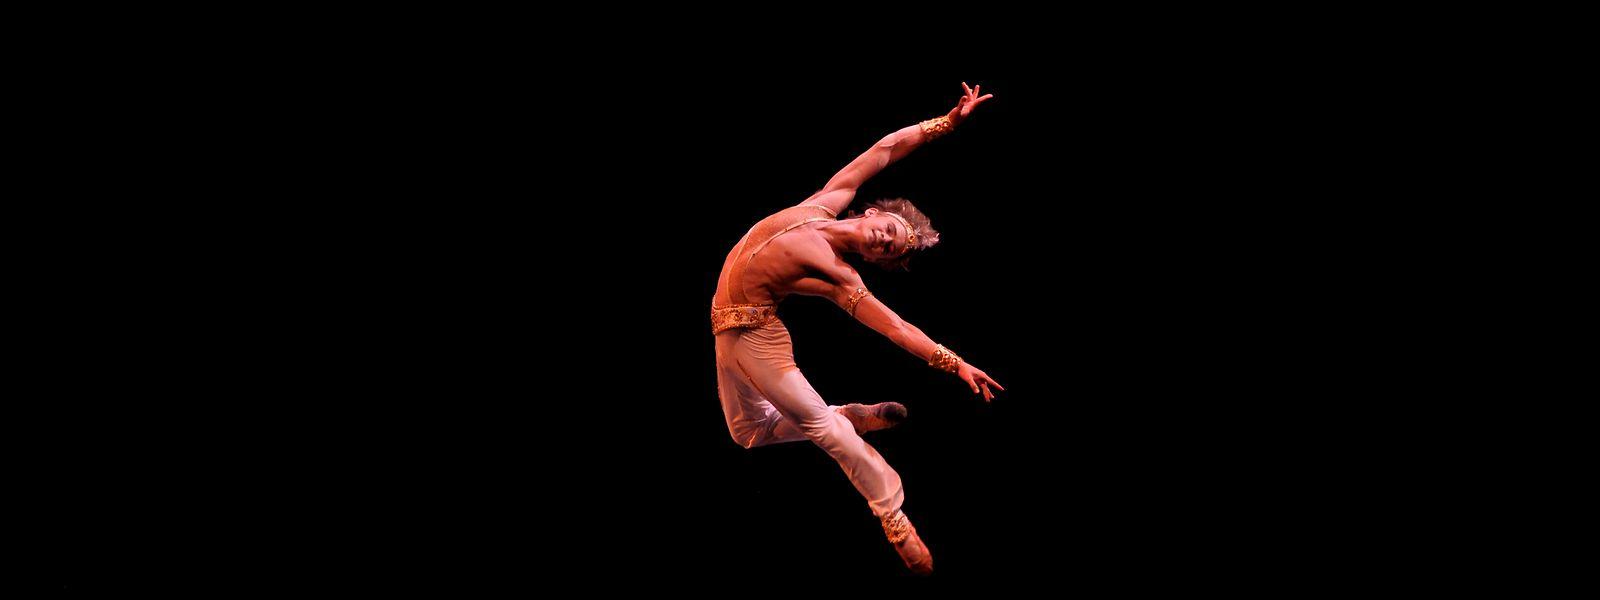 Sprünge, Pirouetten, Körperausdrücke: Daniil Simkin will bei der Gala des Étoiles zeigen, warum er zu den besten Tänzern der Welt gehört.